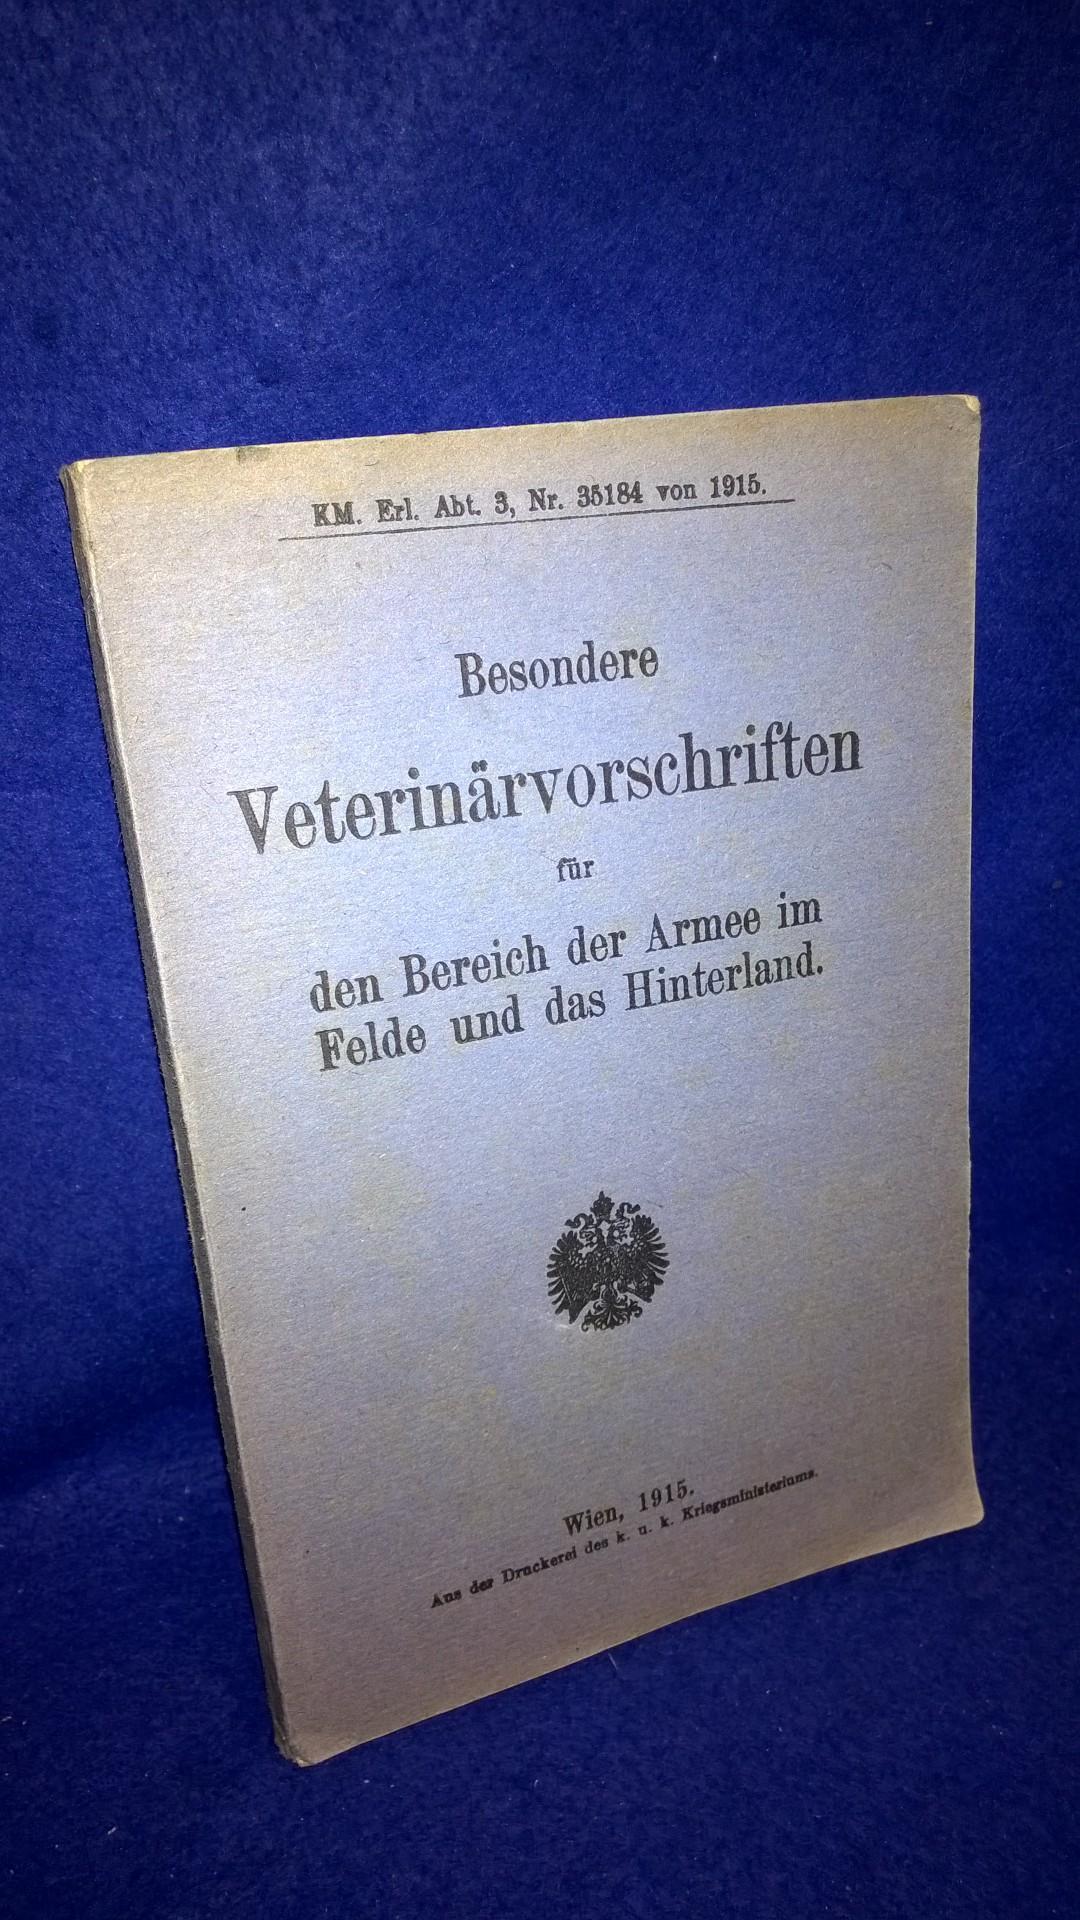 Besondere Veterinärvorschriften für den Bereich der Armee im Felde und das Hinterland.Beigebunden: Belehrungen über Tierseuchen,sowie Maßnahmen zu deren Bekämpfung. Seltene Orginalschriften!